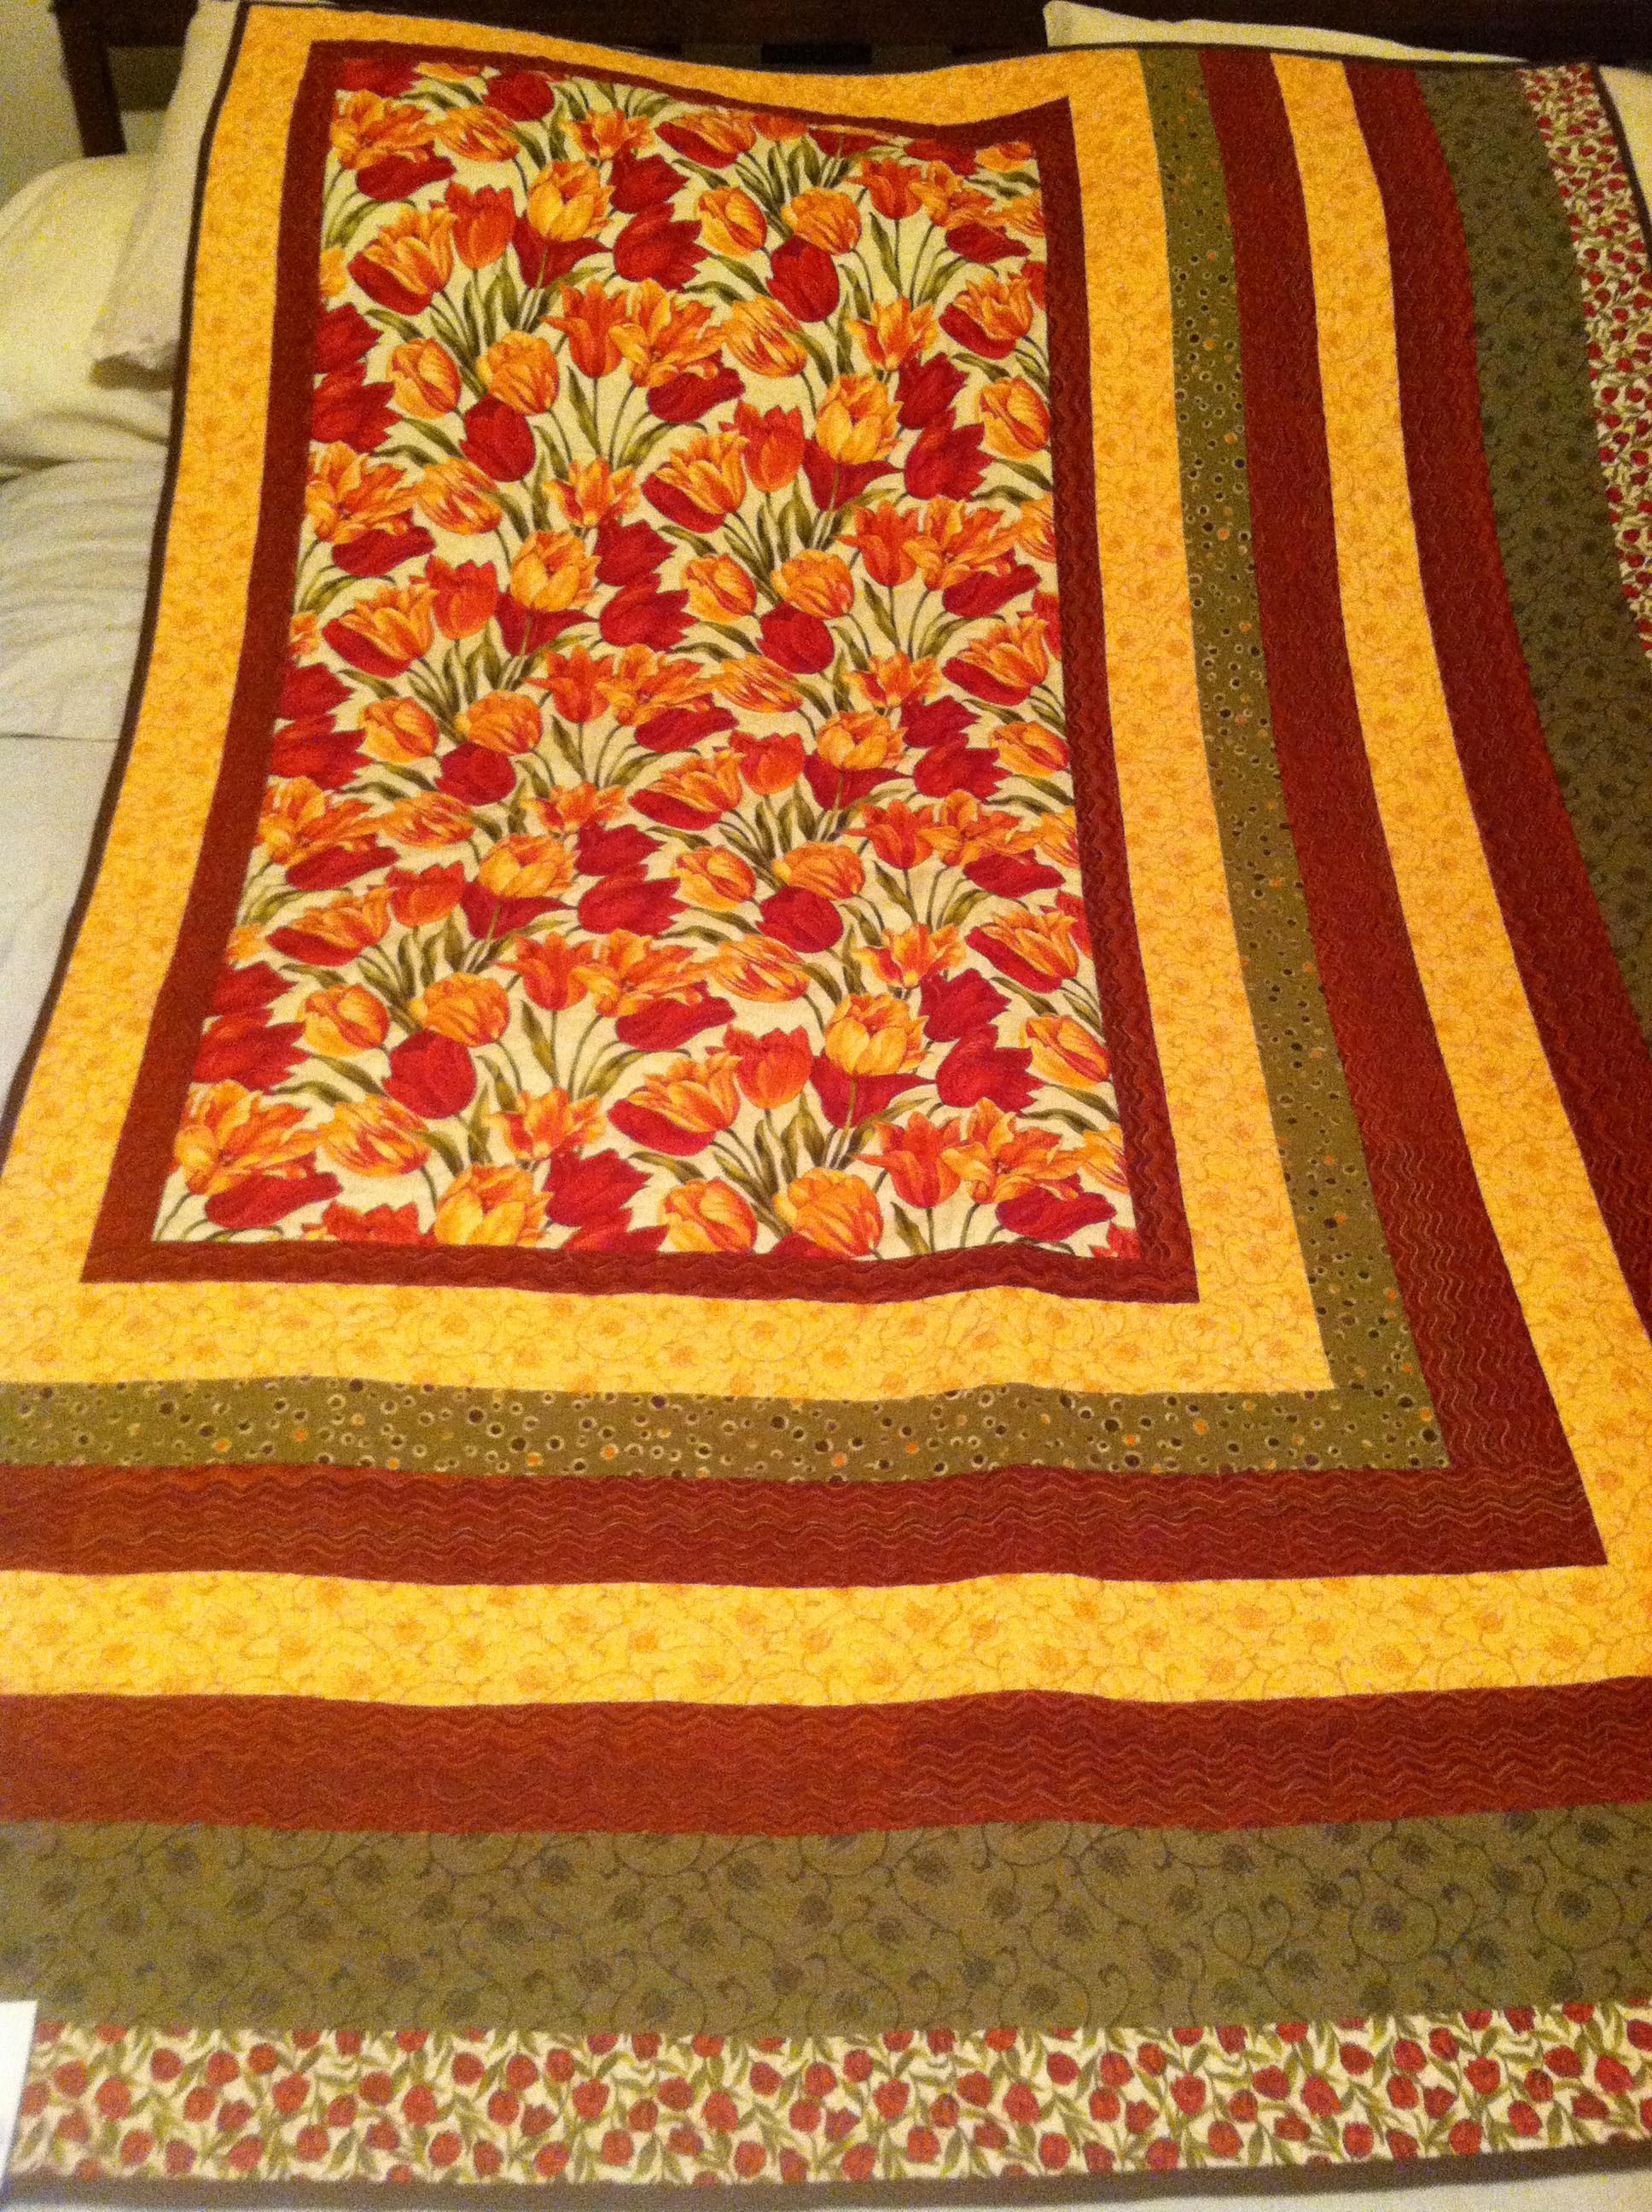 My Apex quilt